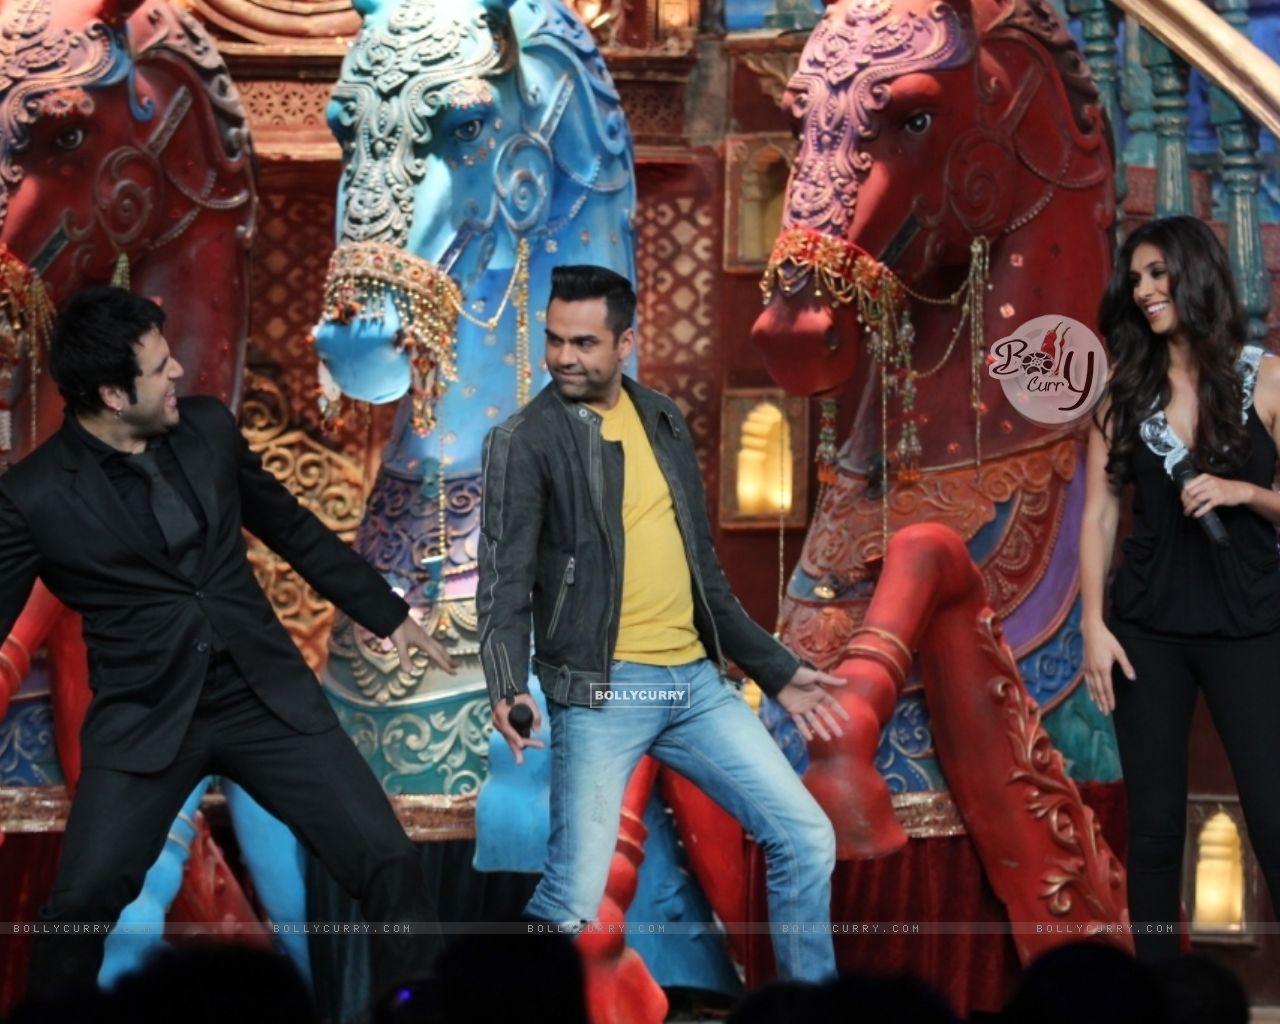 Comedy Circus Ke Mahabali (310629) size:1280x1024